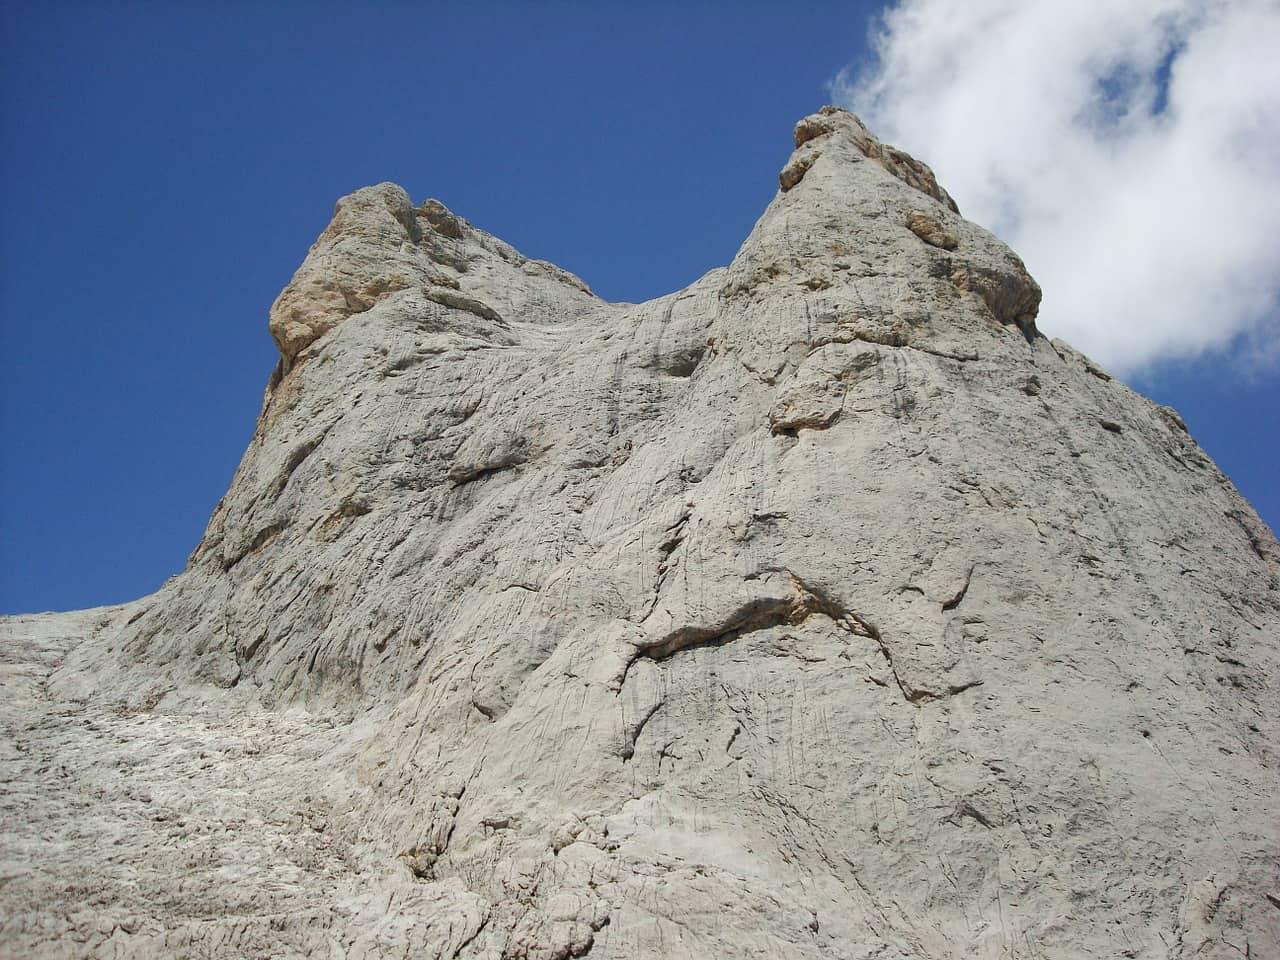 Cara sur del pico urriellu en la ruta del Cares de Asturias